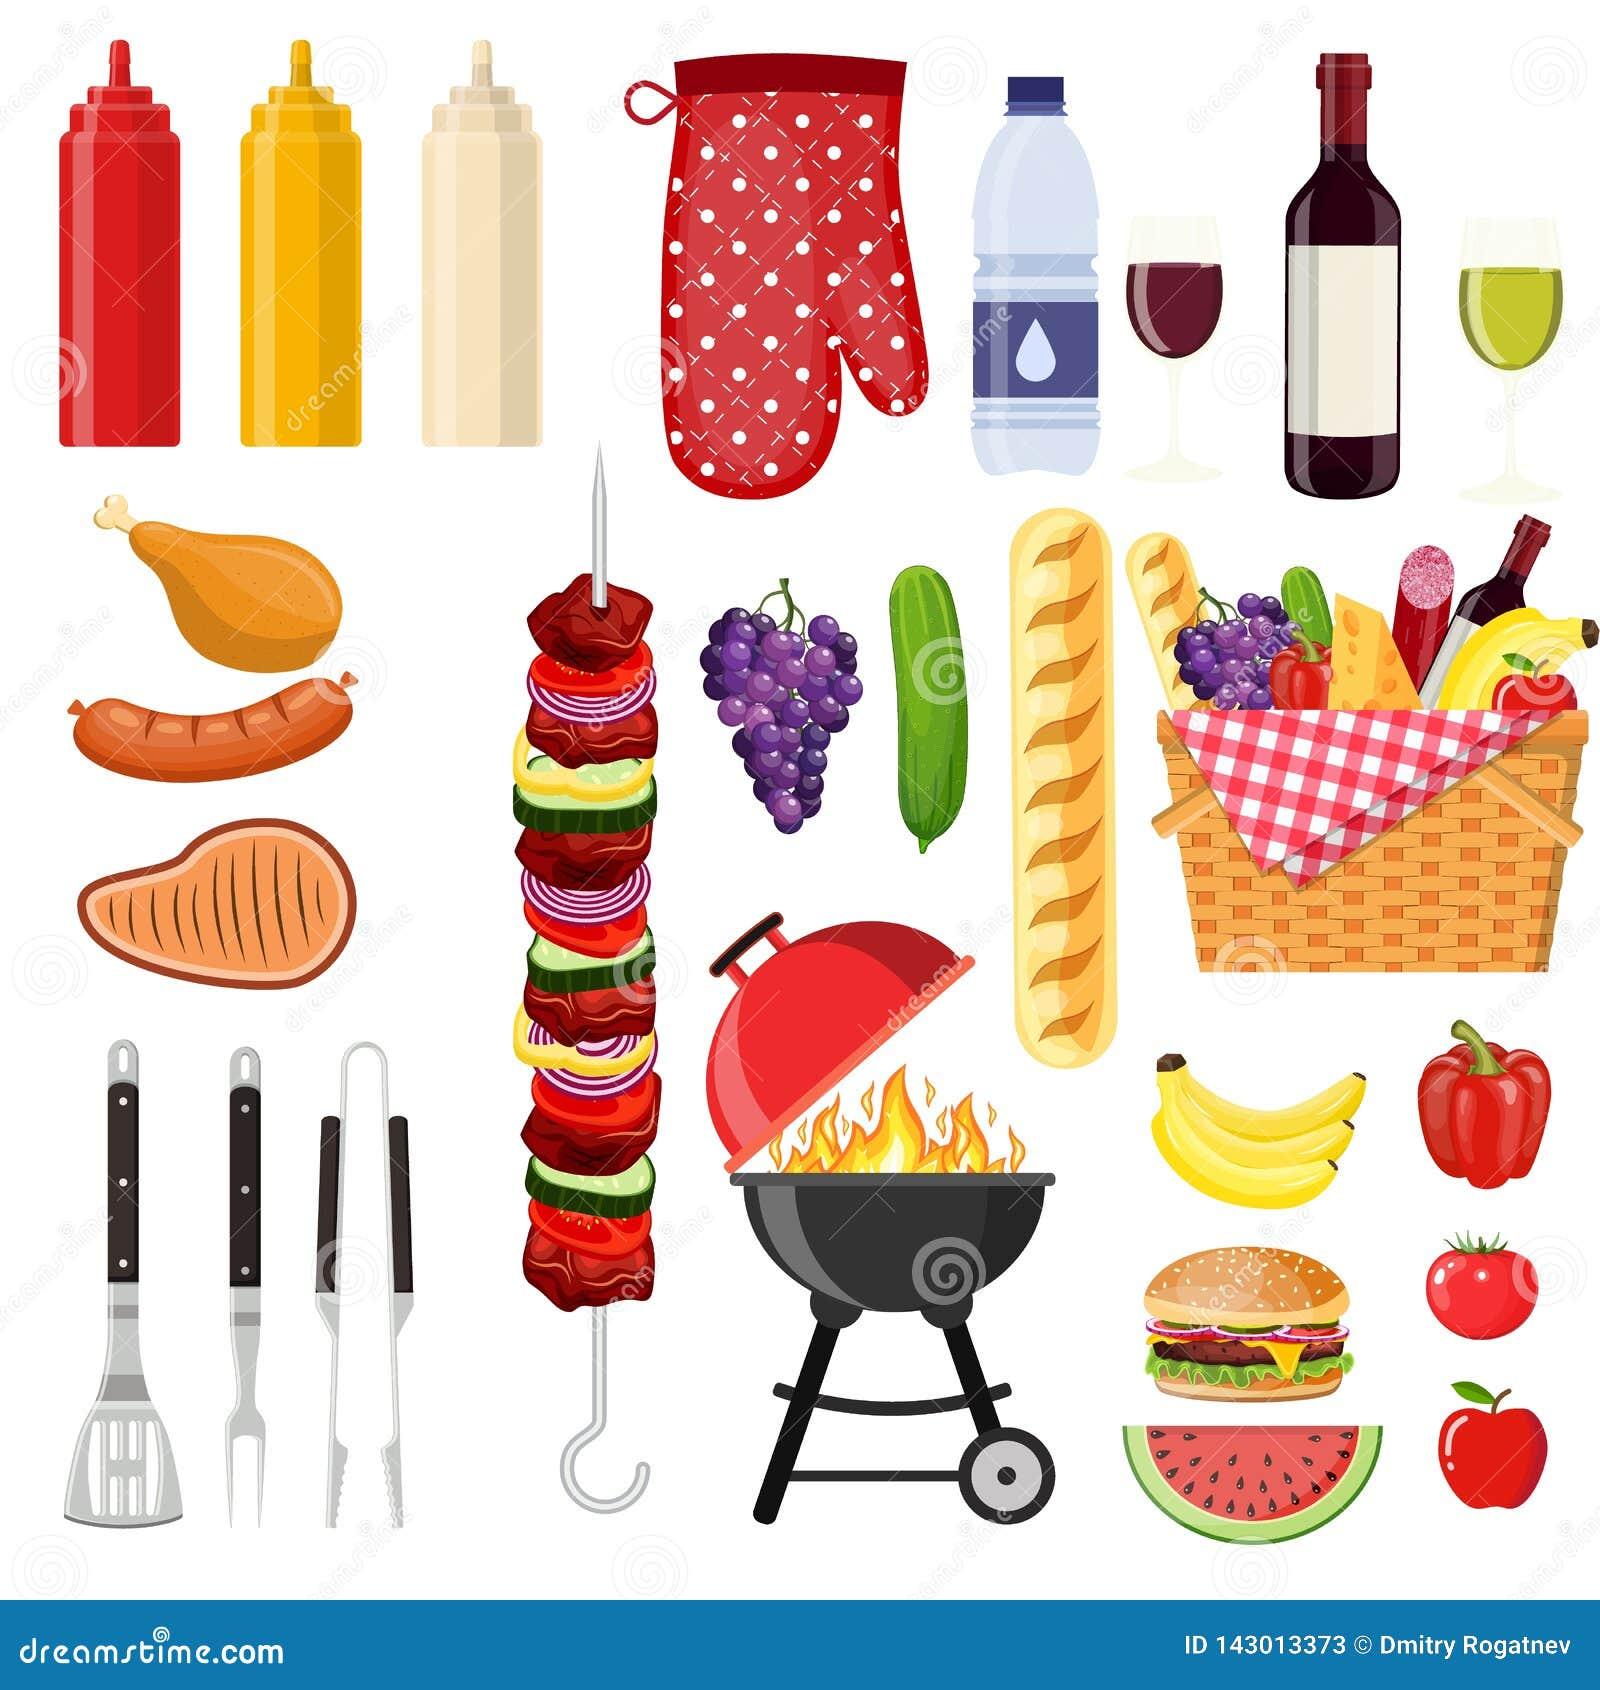 Διαφορετικά ειδικά εργαλεία και τρόφιμα